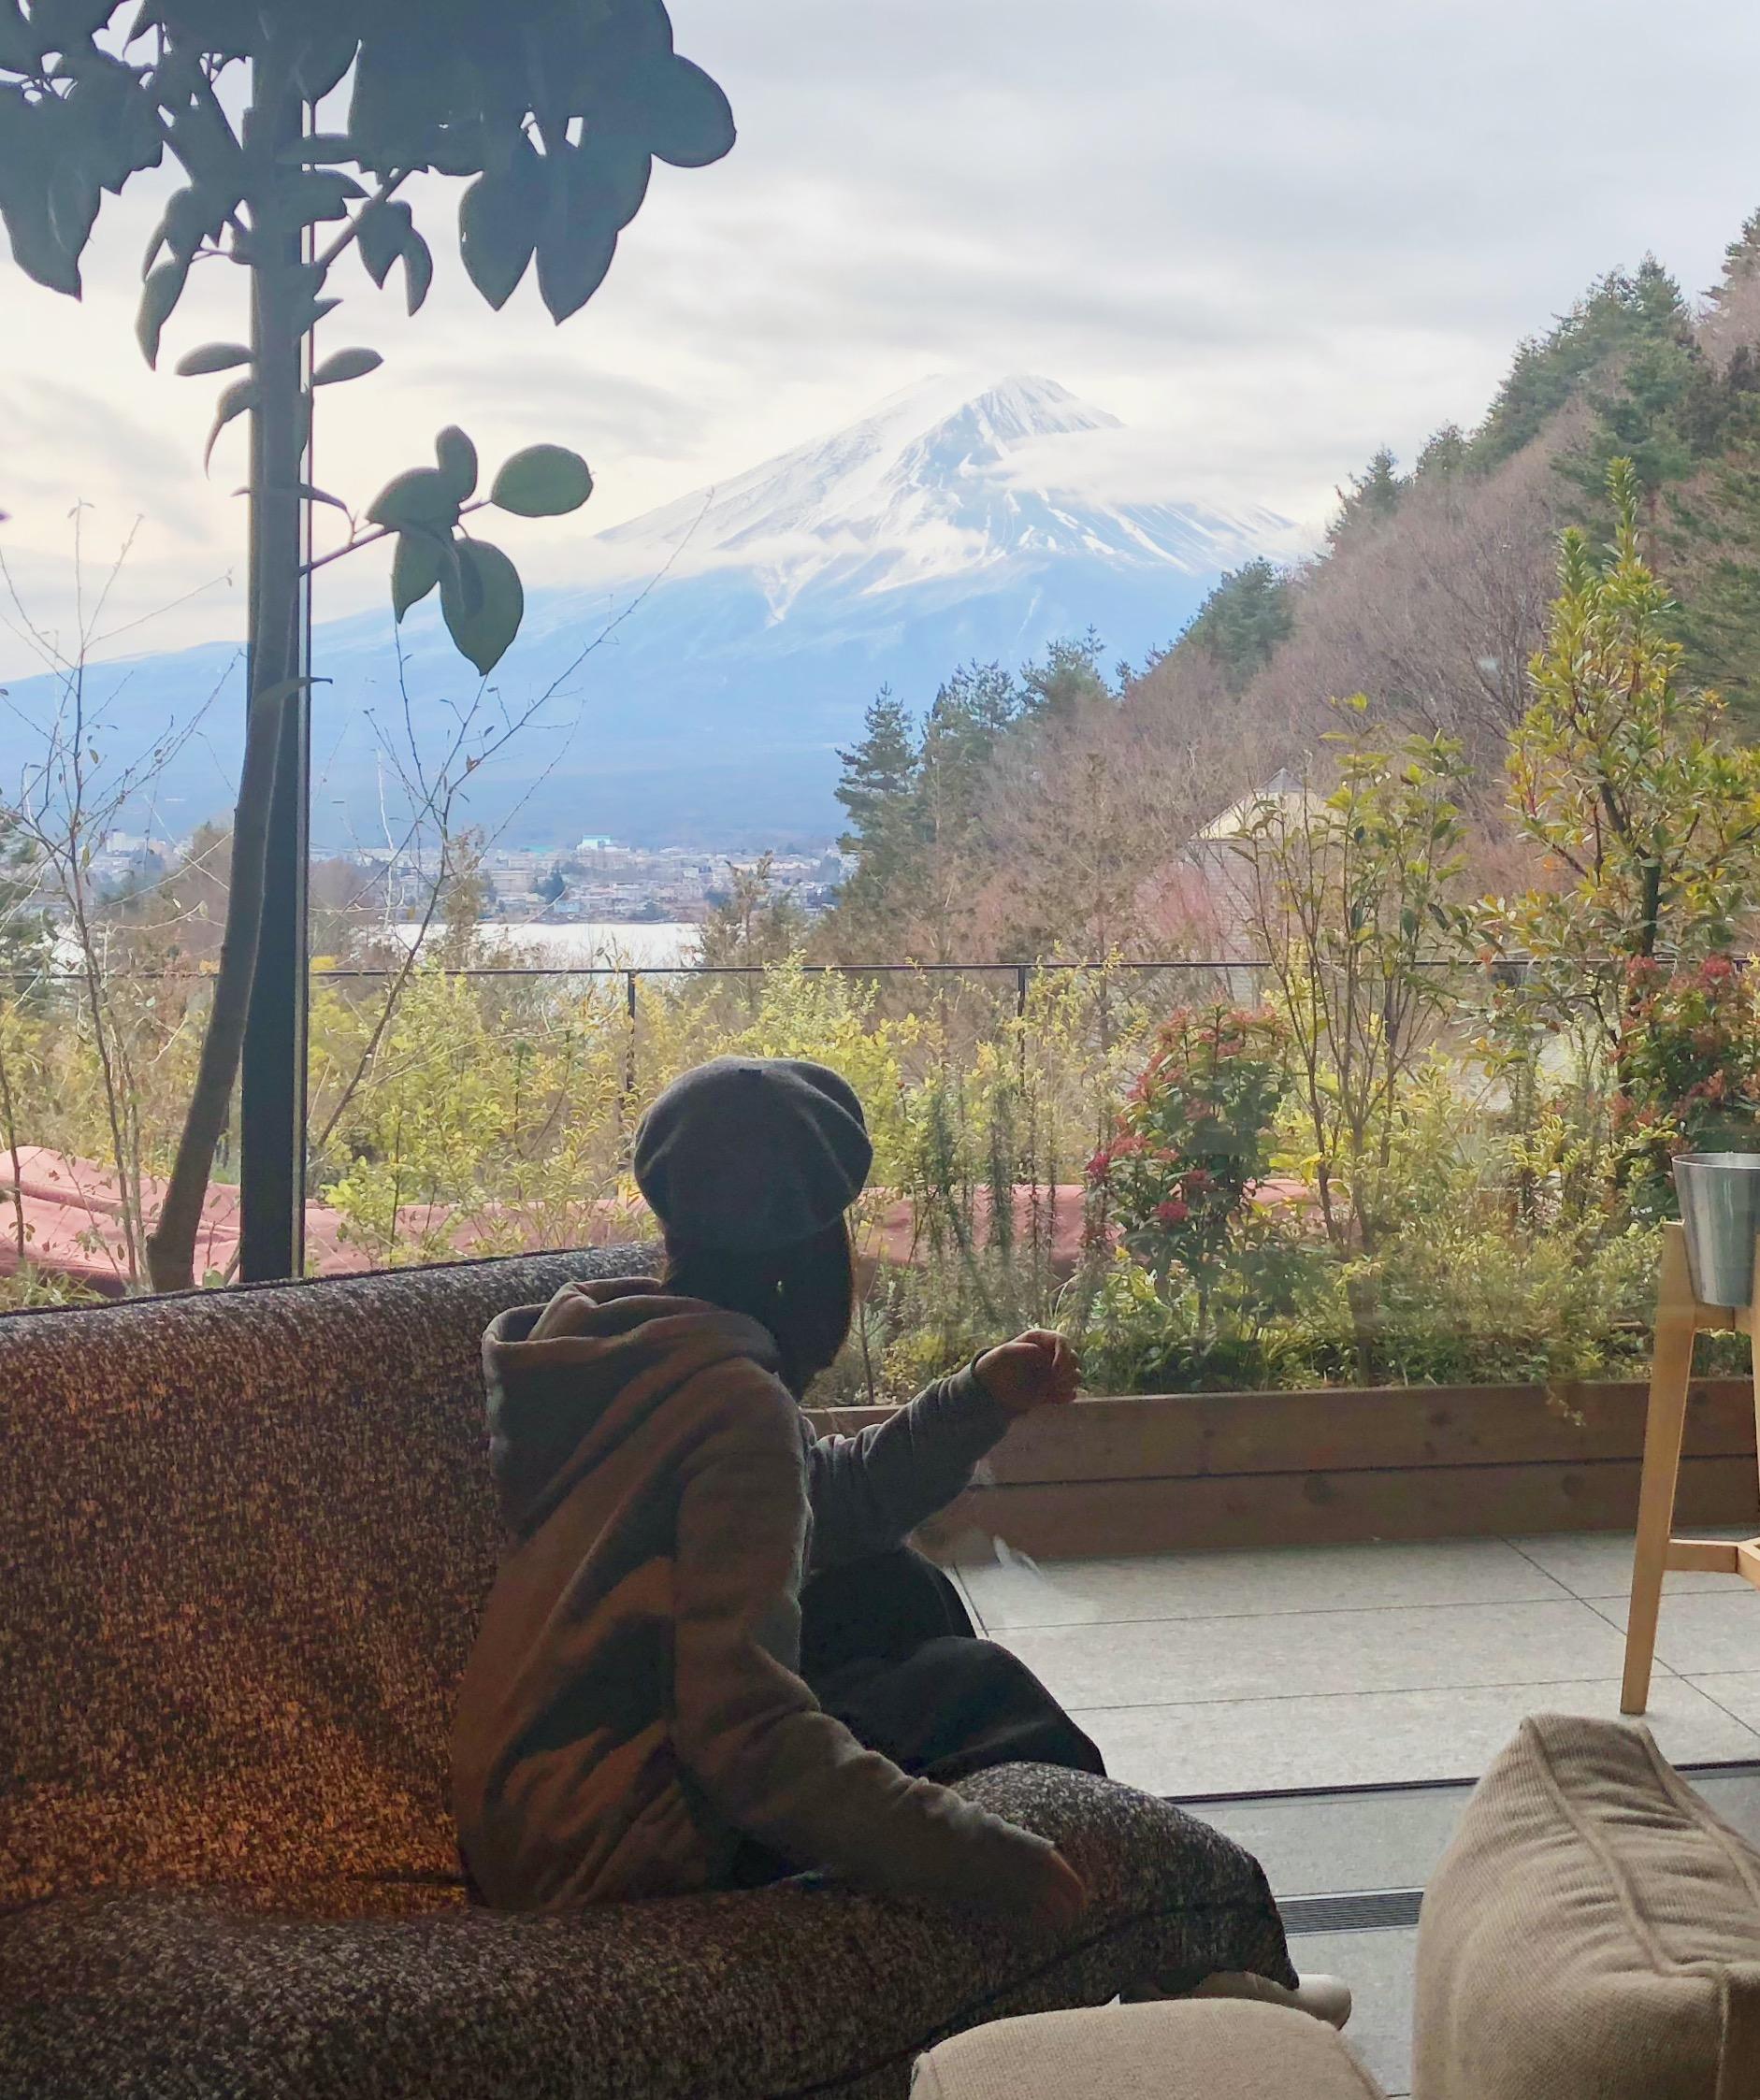 ふふ河口湖,FUFU河口湖,日本河口湖,日本飯店,河口湖住宿,河口湖飯店,日本旅遊,富士山,Mount Fuji